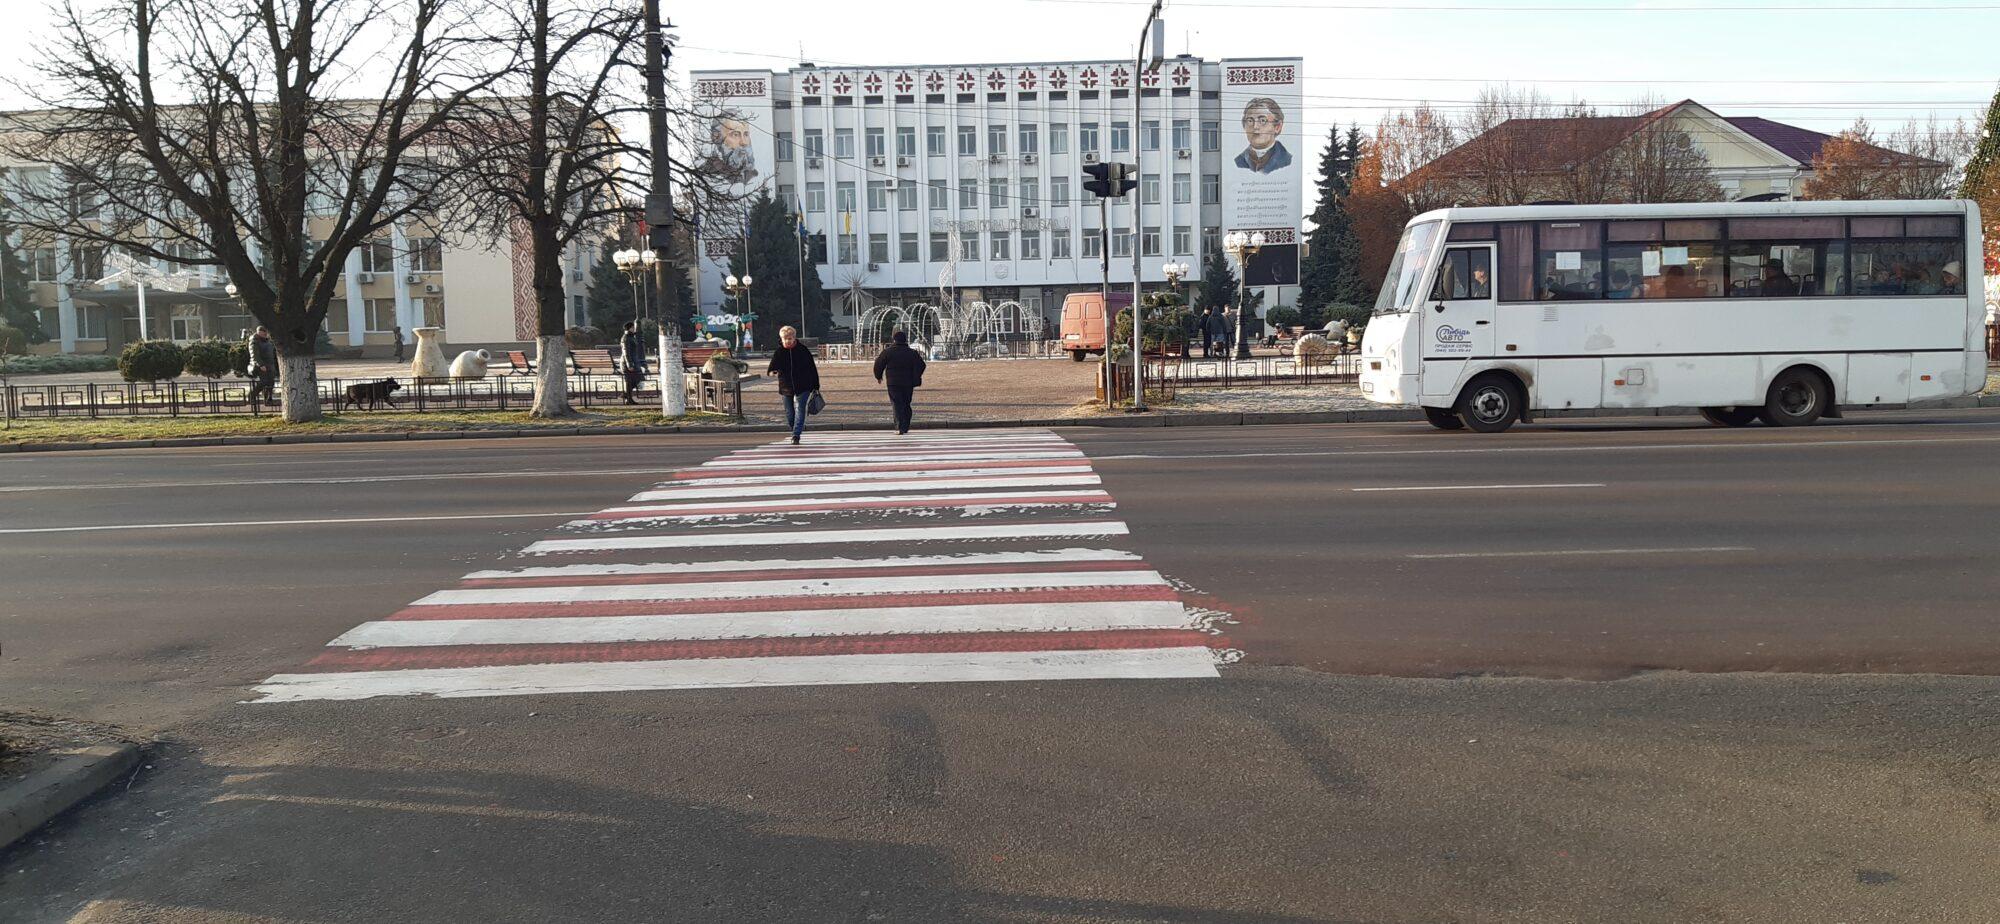 У Борисполі встановили черговий світлофор - світлофор, дороги - 20191220 092251 2000x924